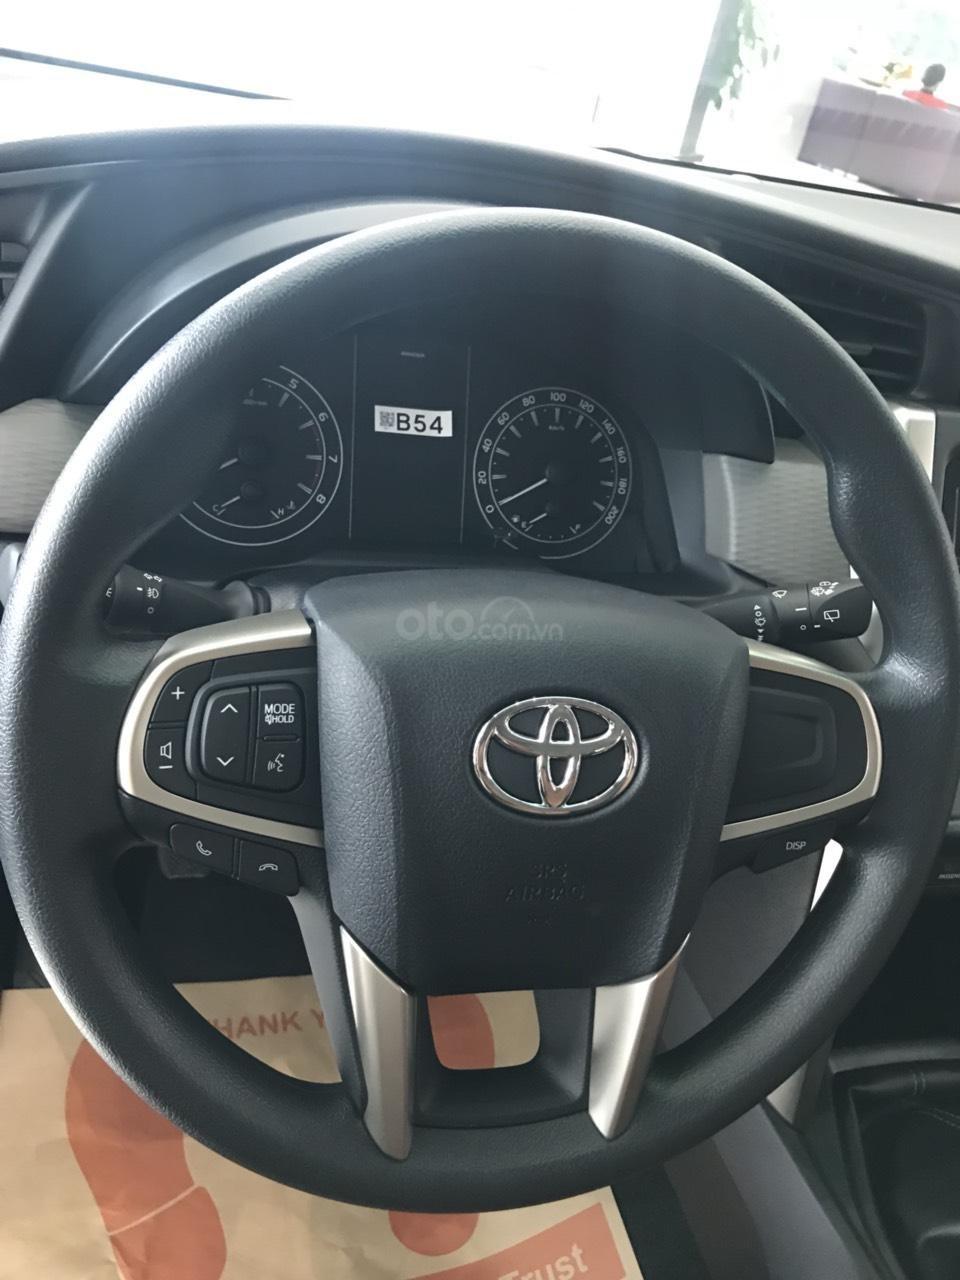 Toyota Hùng Vương bán xe Toyota Innova 2.0E 2019 - Tháng 5 khuyến mãi cực khủng giảm ngay 30triệu - LH: 0938998196-2